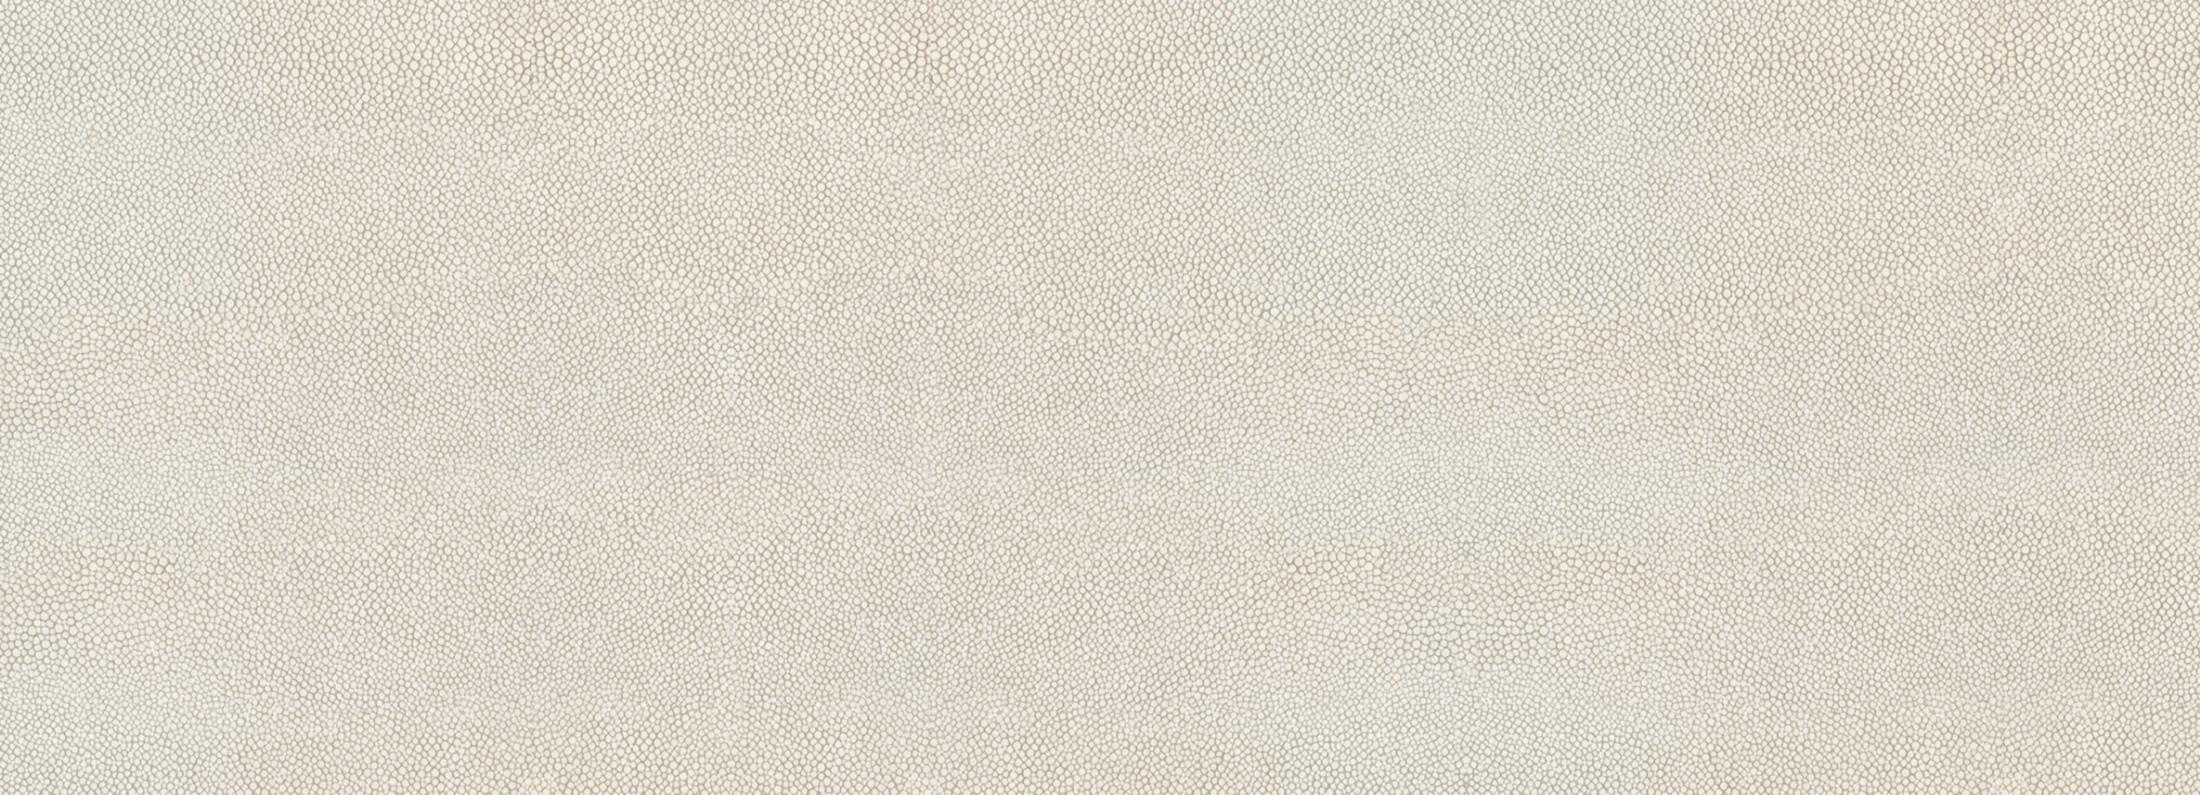 Купить Керамическая плитка AltaСera Stingray Light Graphite WT11STG05 настенная 20x60, Россия